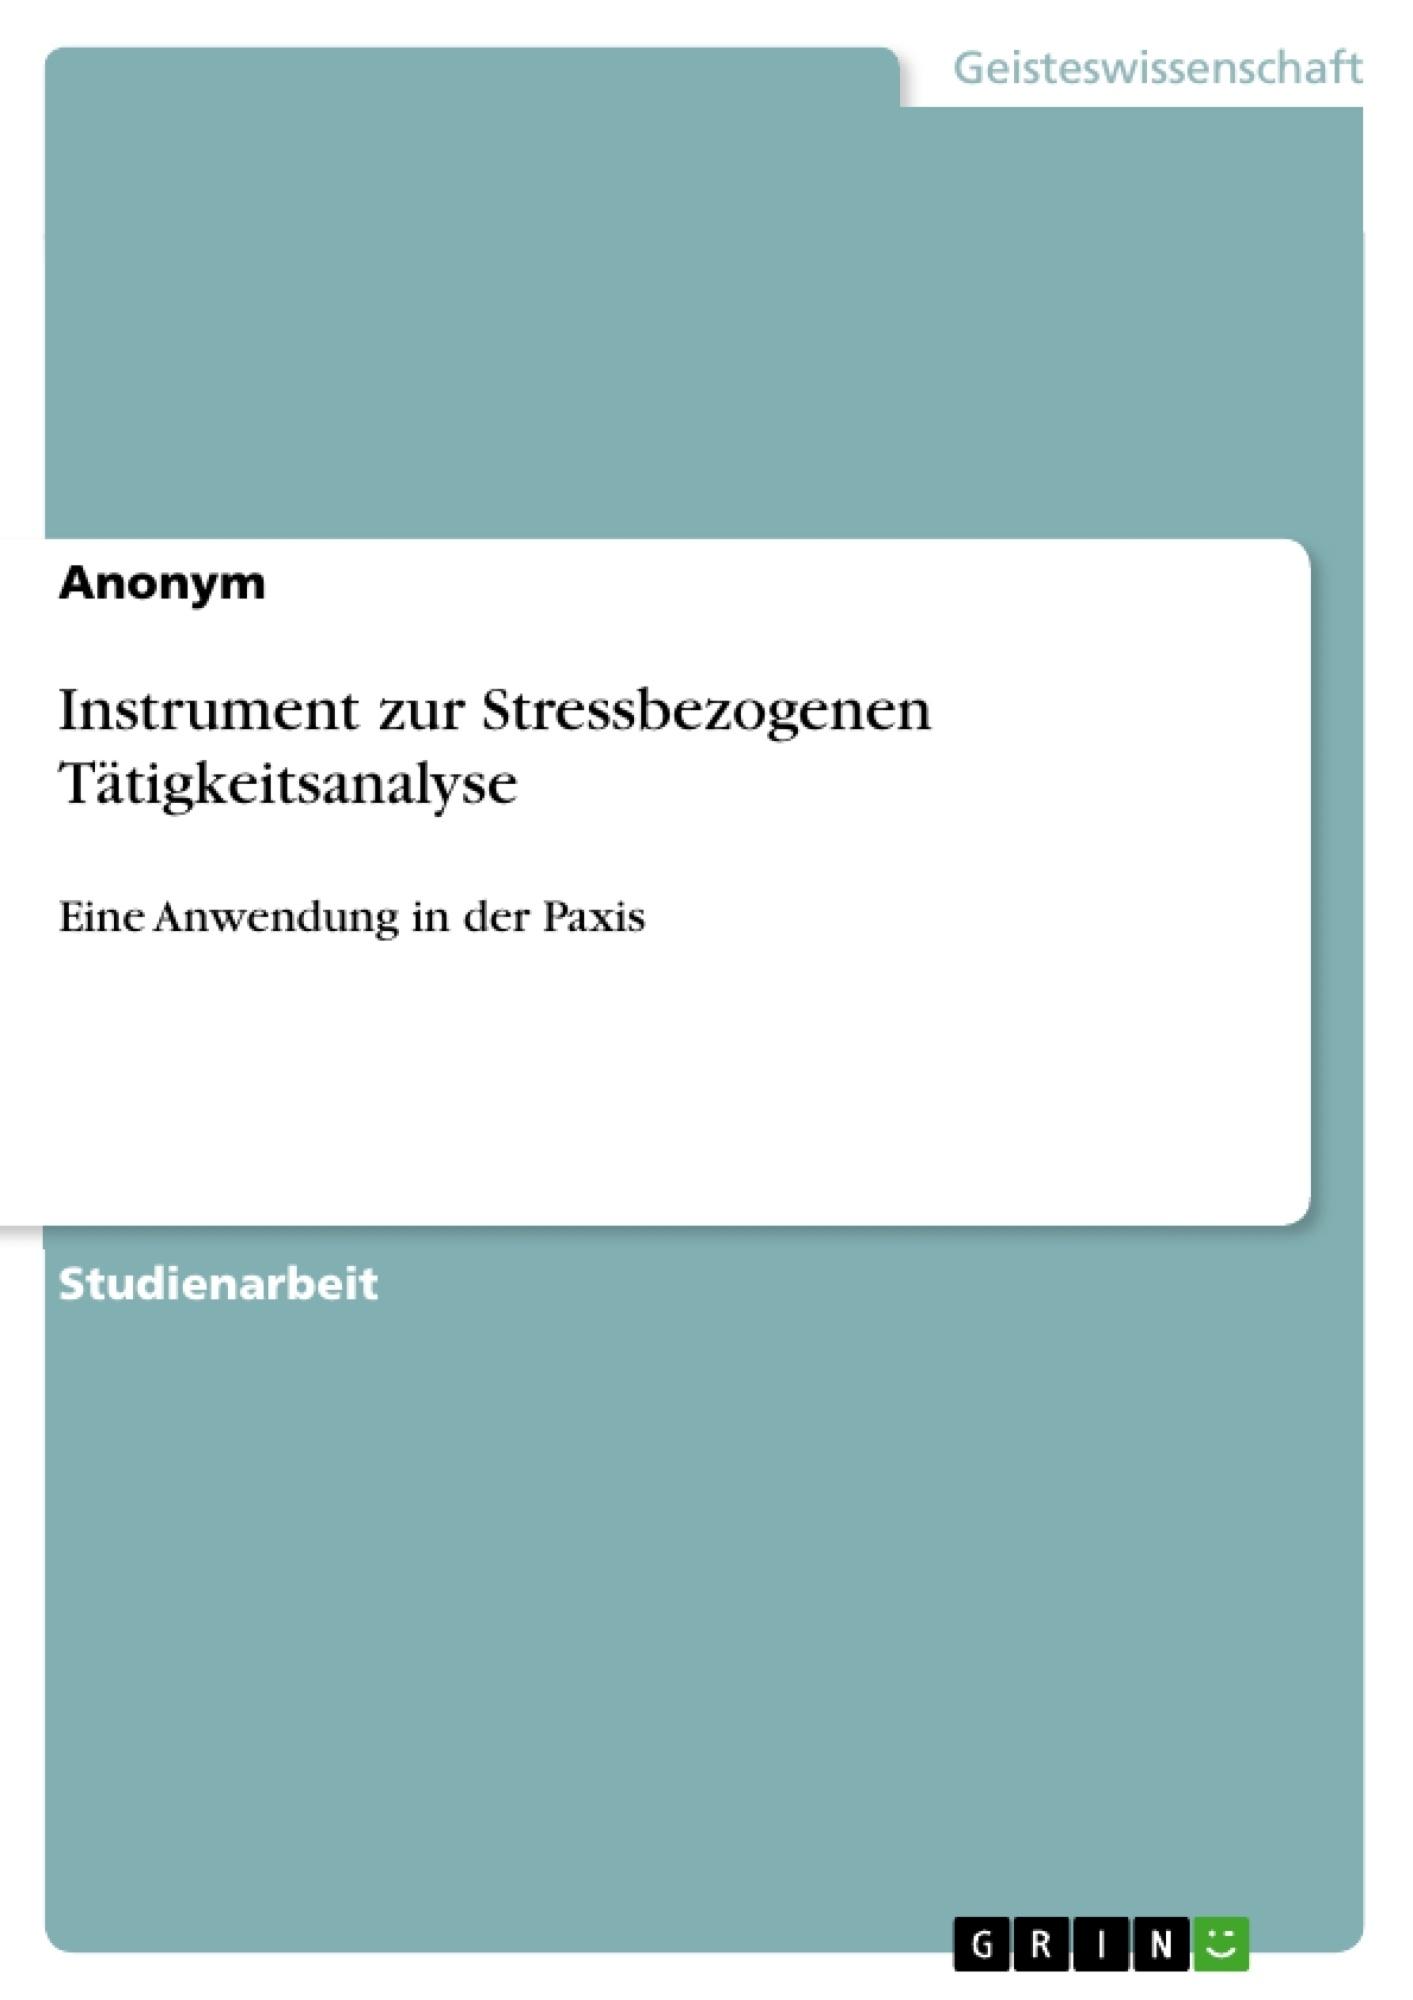 Titel: Instrument zur Stressbezogenen Tätigkeitsanalyse